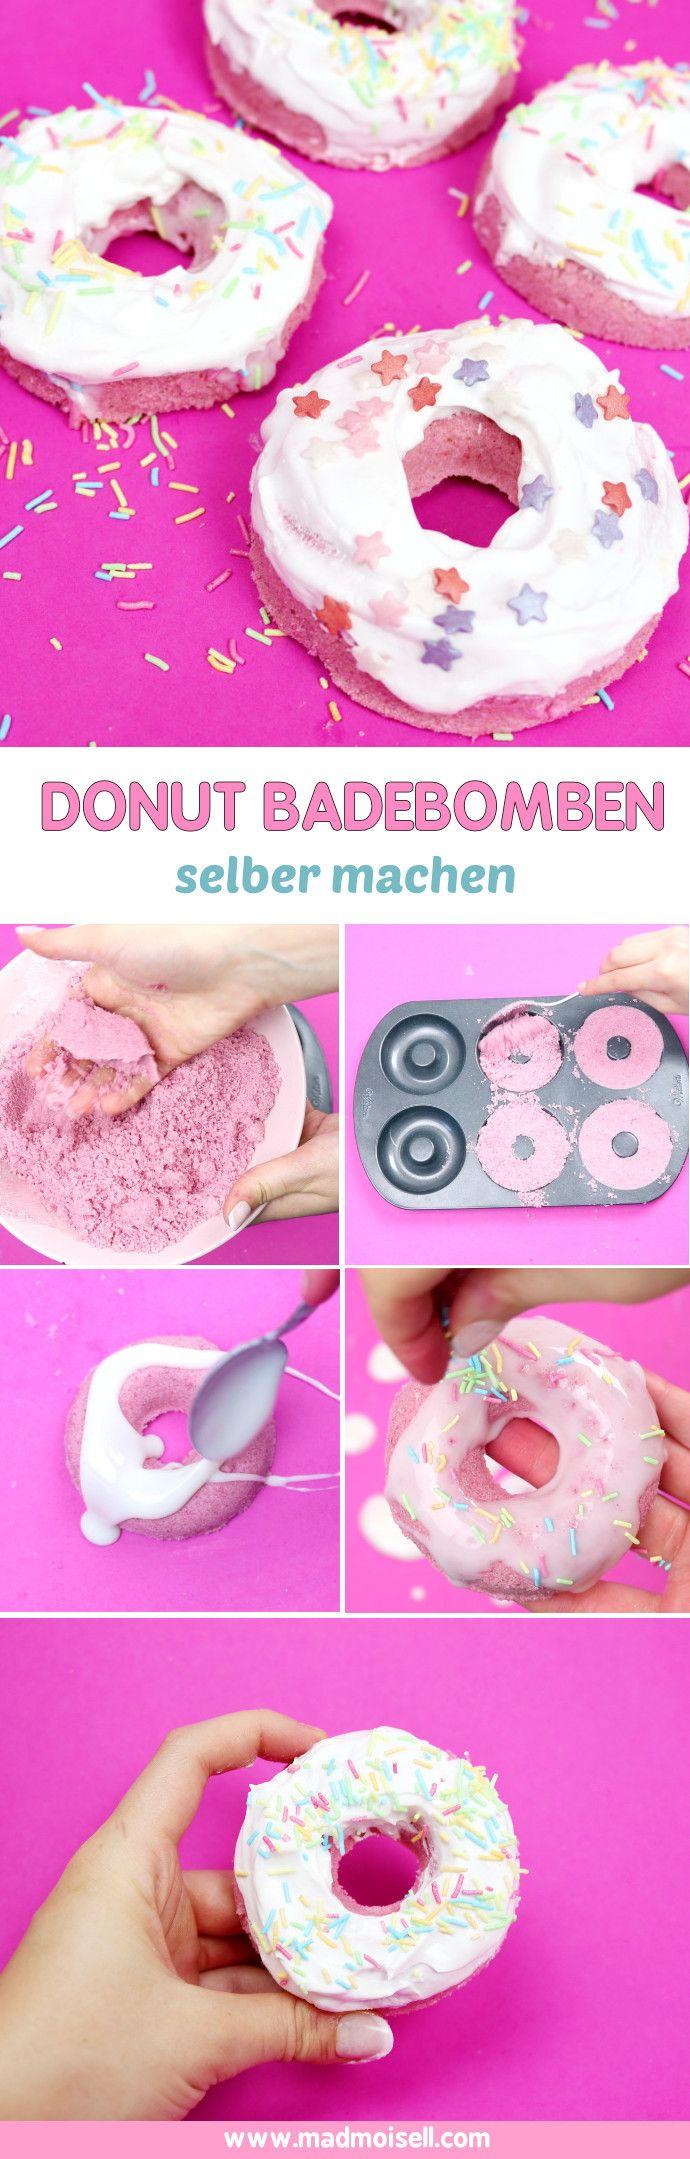 Badebomben lassen sich in jeder erdenklichen Form selber machen, z.B. als Donut! Die Donut Badebomben eignen sich super als DIY Geschenk – probier es aus!